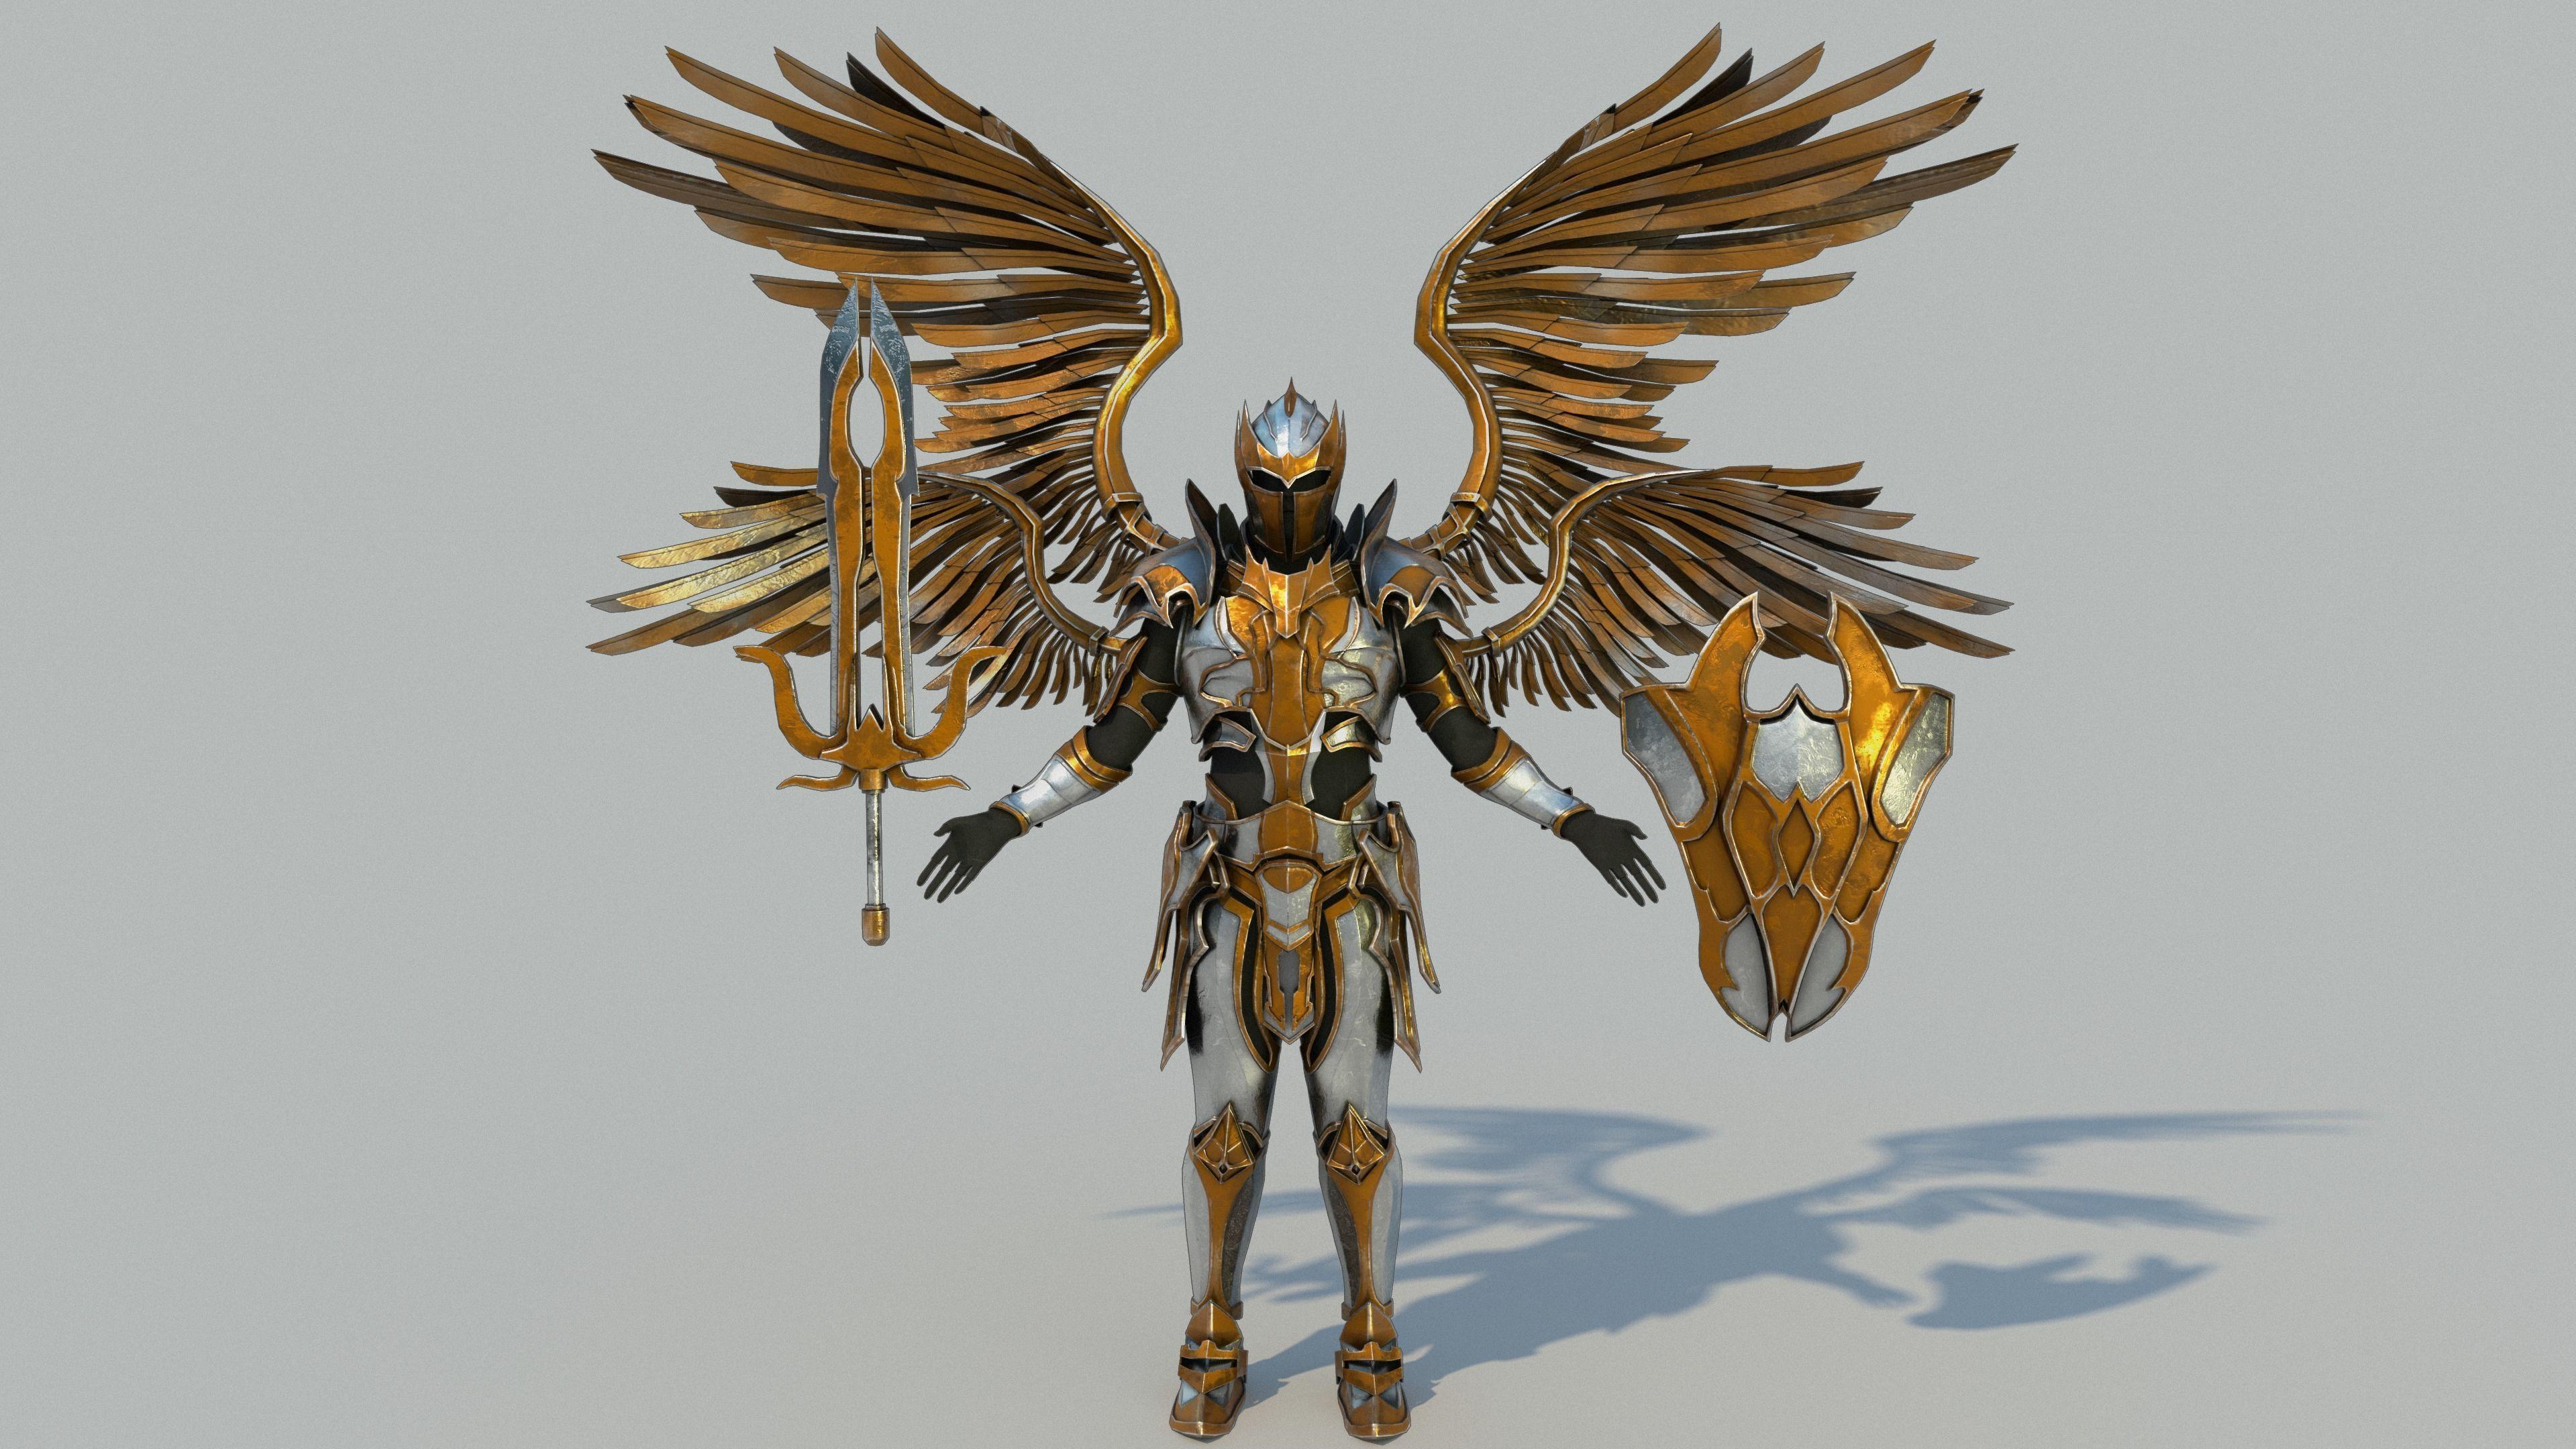 Warrior Seraphim